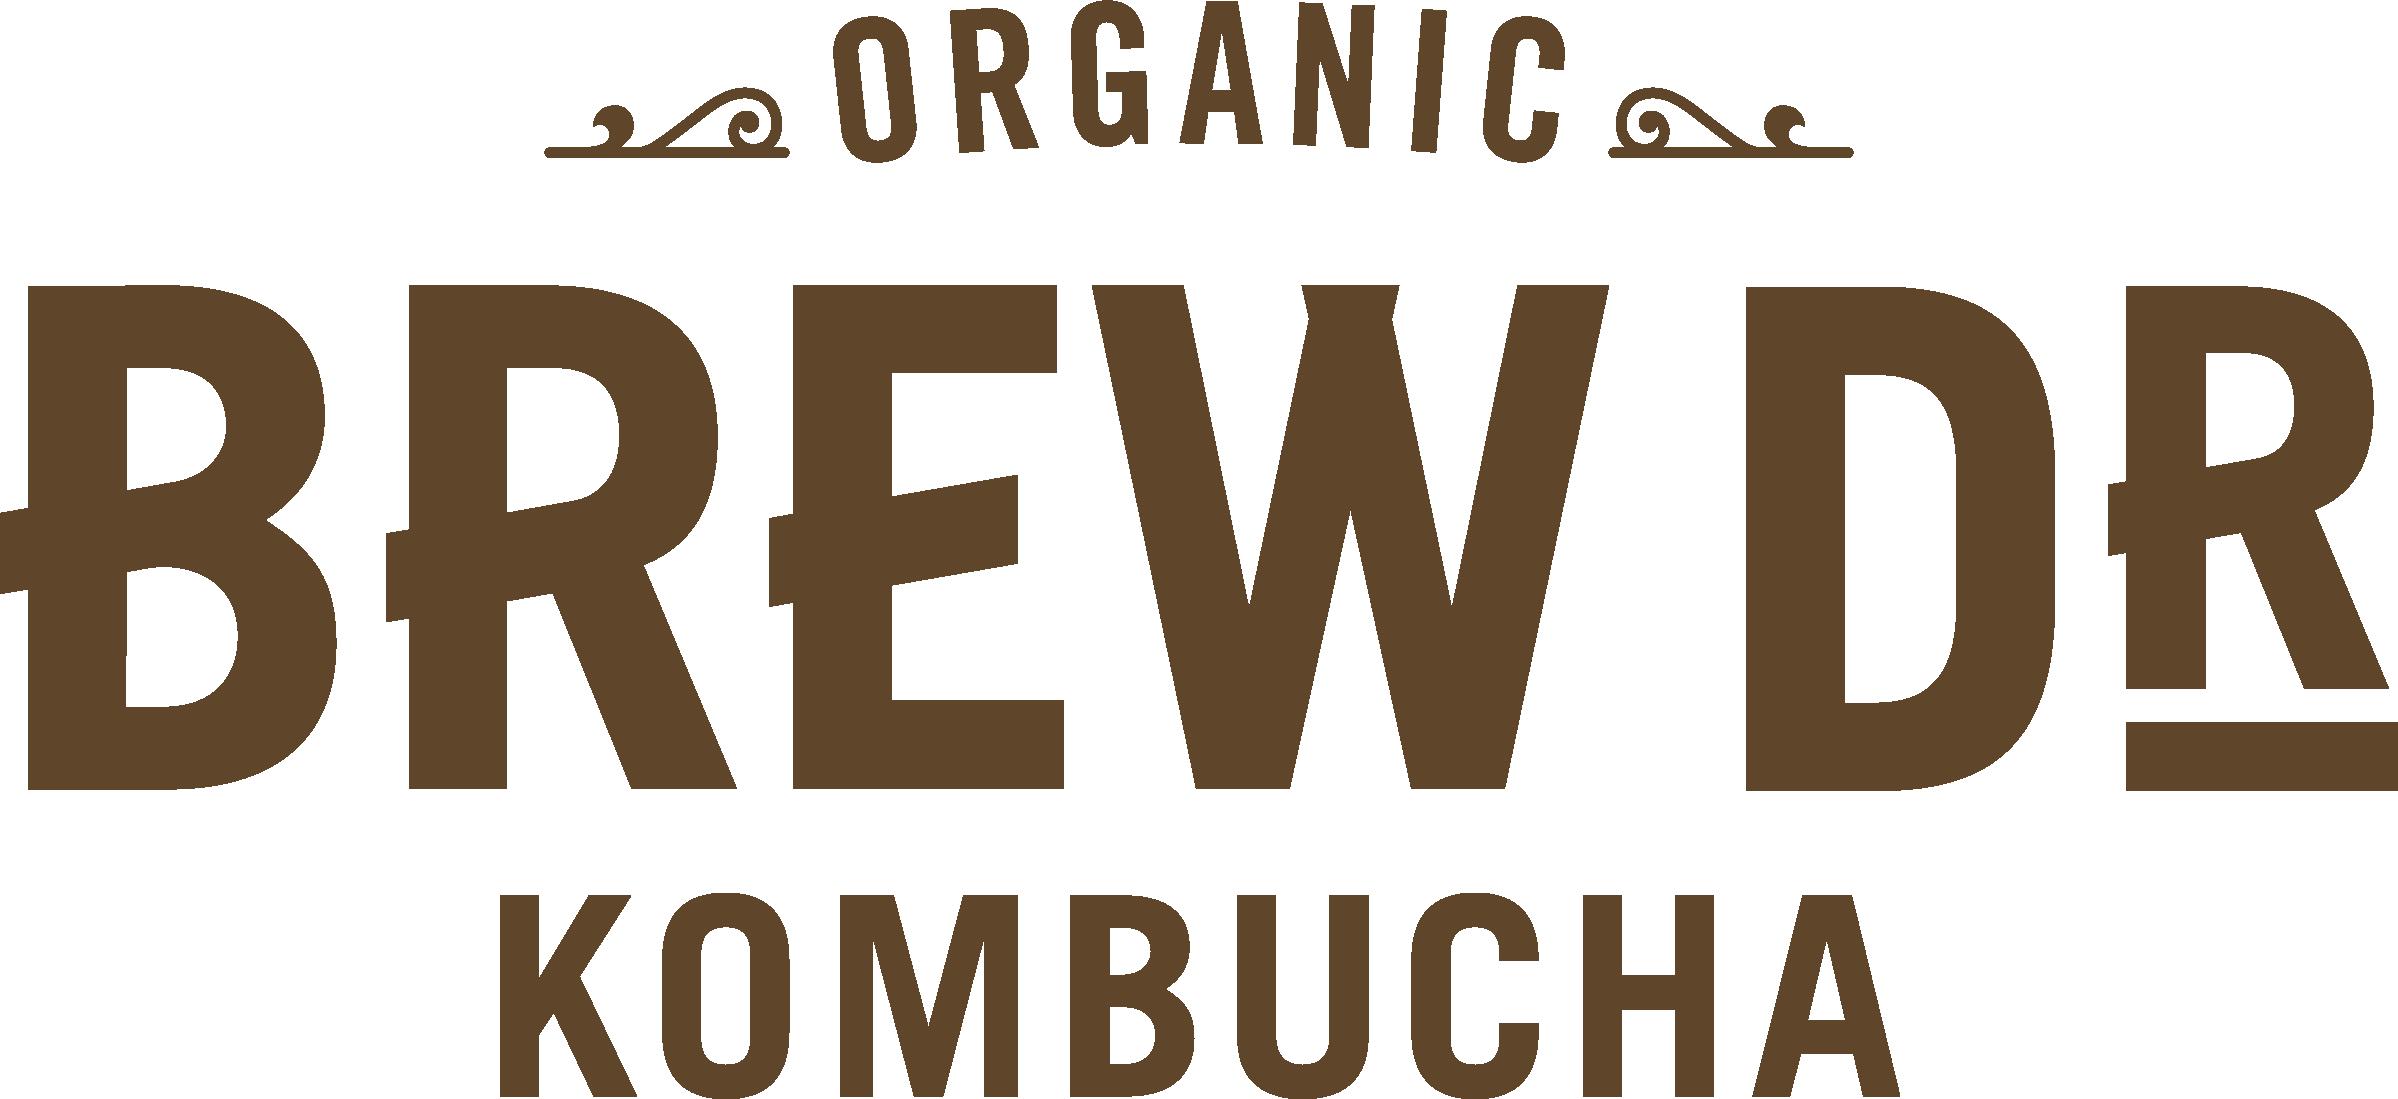 https://www.brewdrkombucha.com/